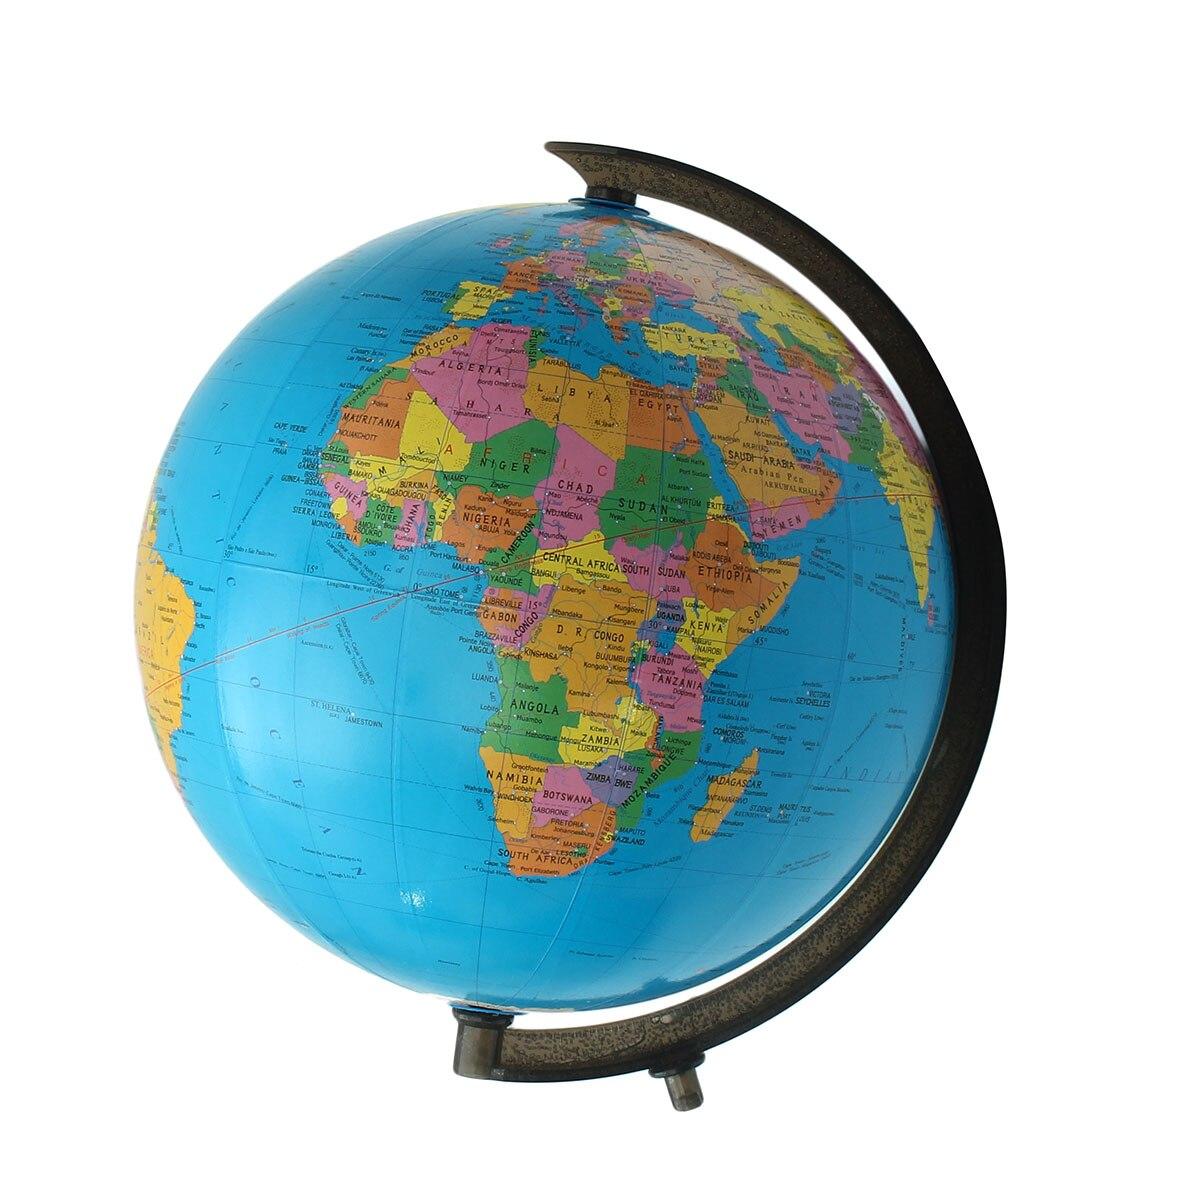 32 cm monde Globe carte enfants géograpie jouets éducatifs fournitures scolaires étudiants récompense cadeau maison bureau décorations de bureau - 6